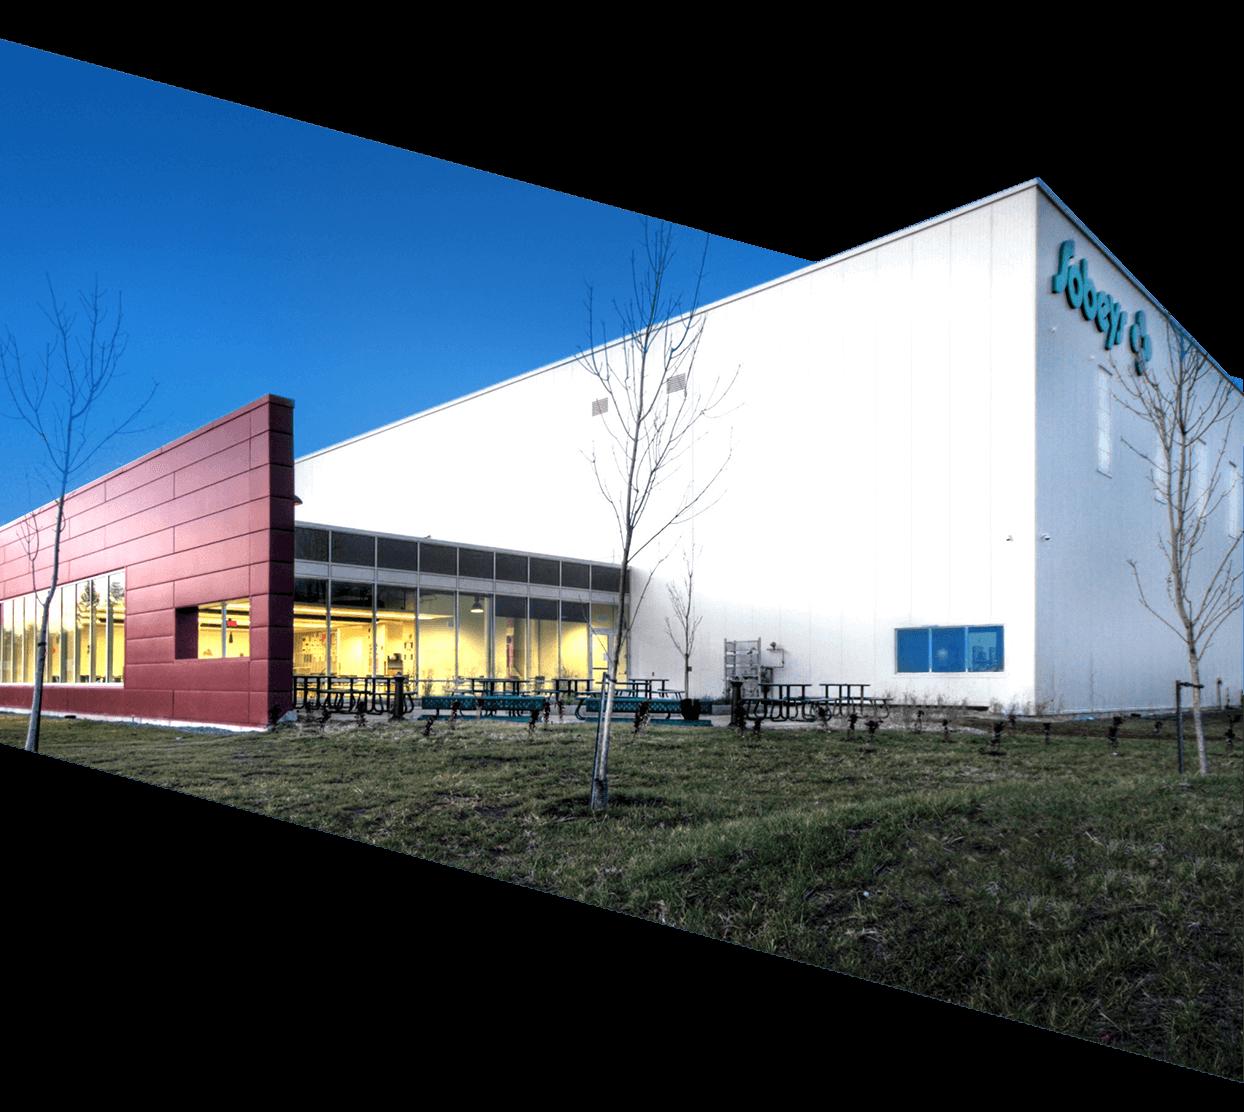 Styro  Distributeur et spcialiste de panneaux isolants architecturaux